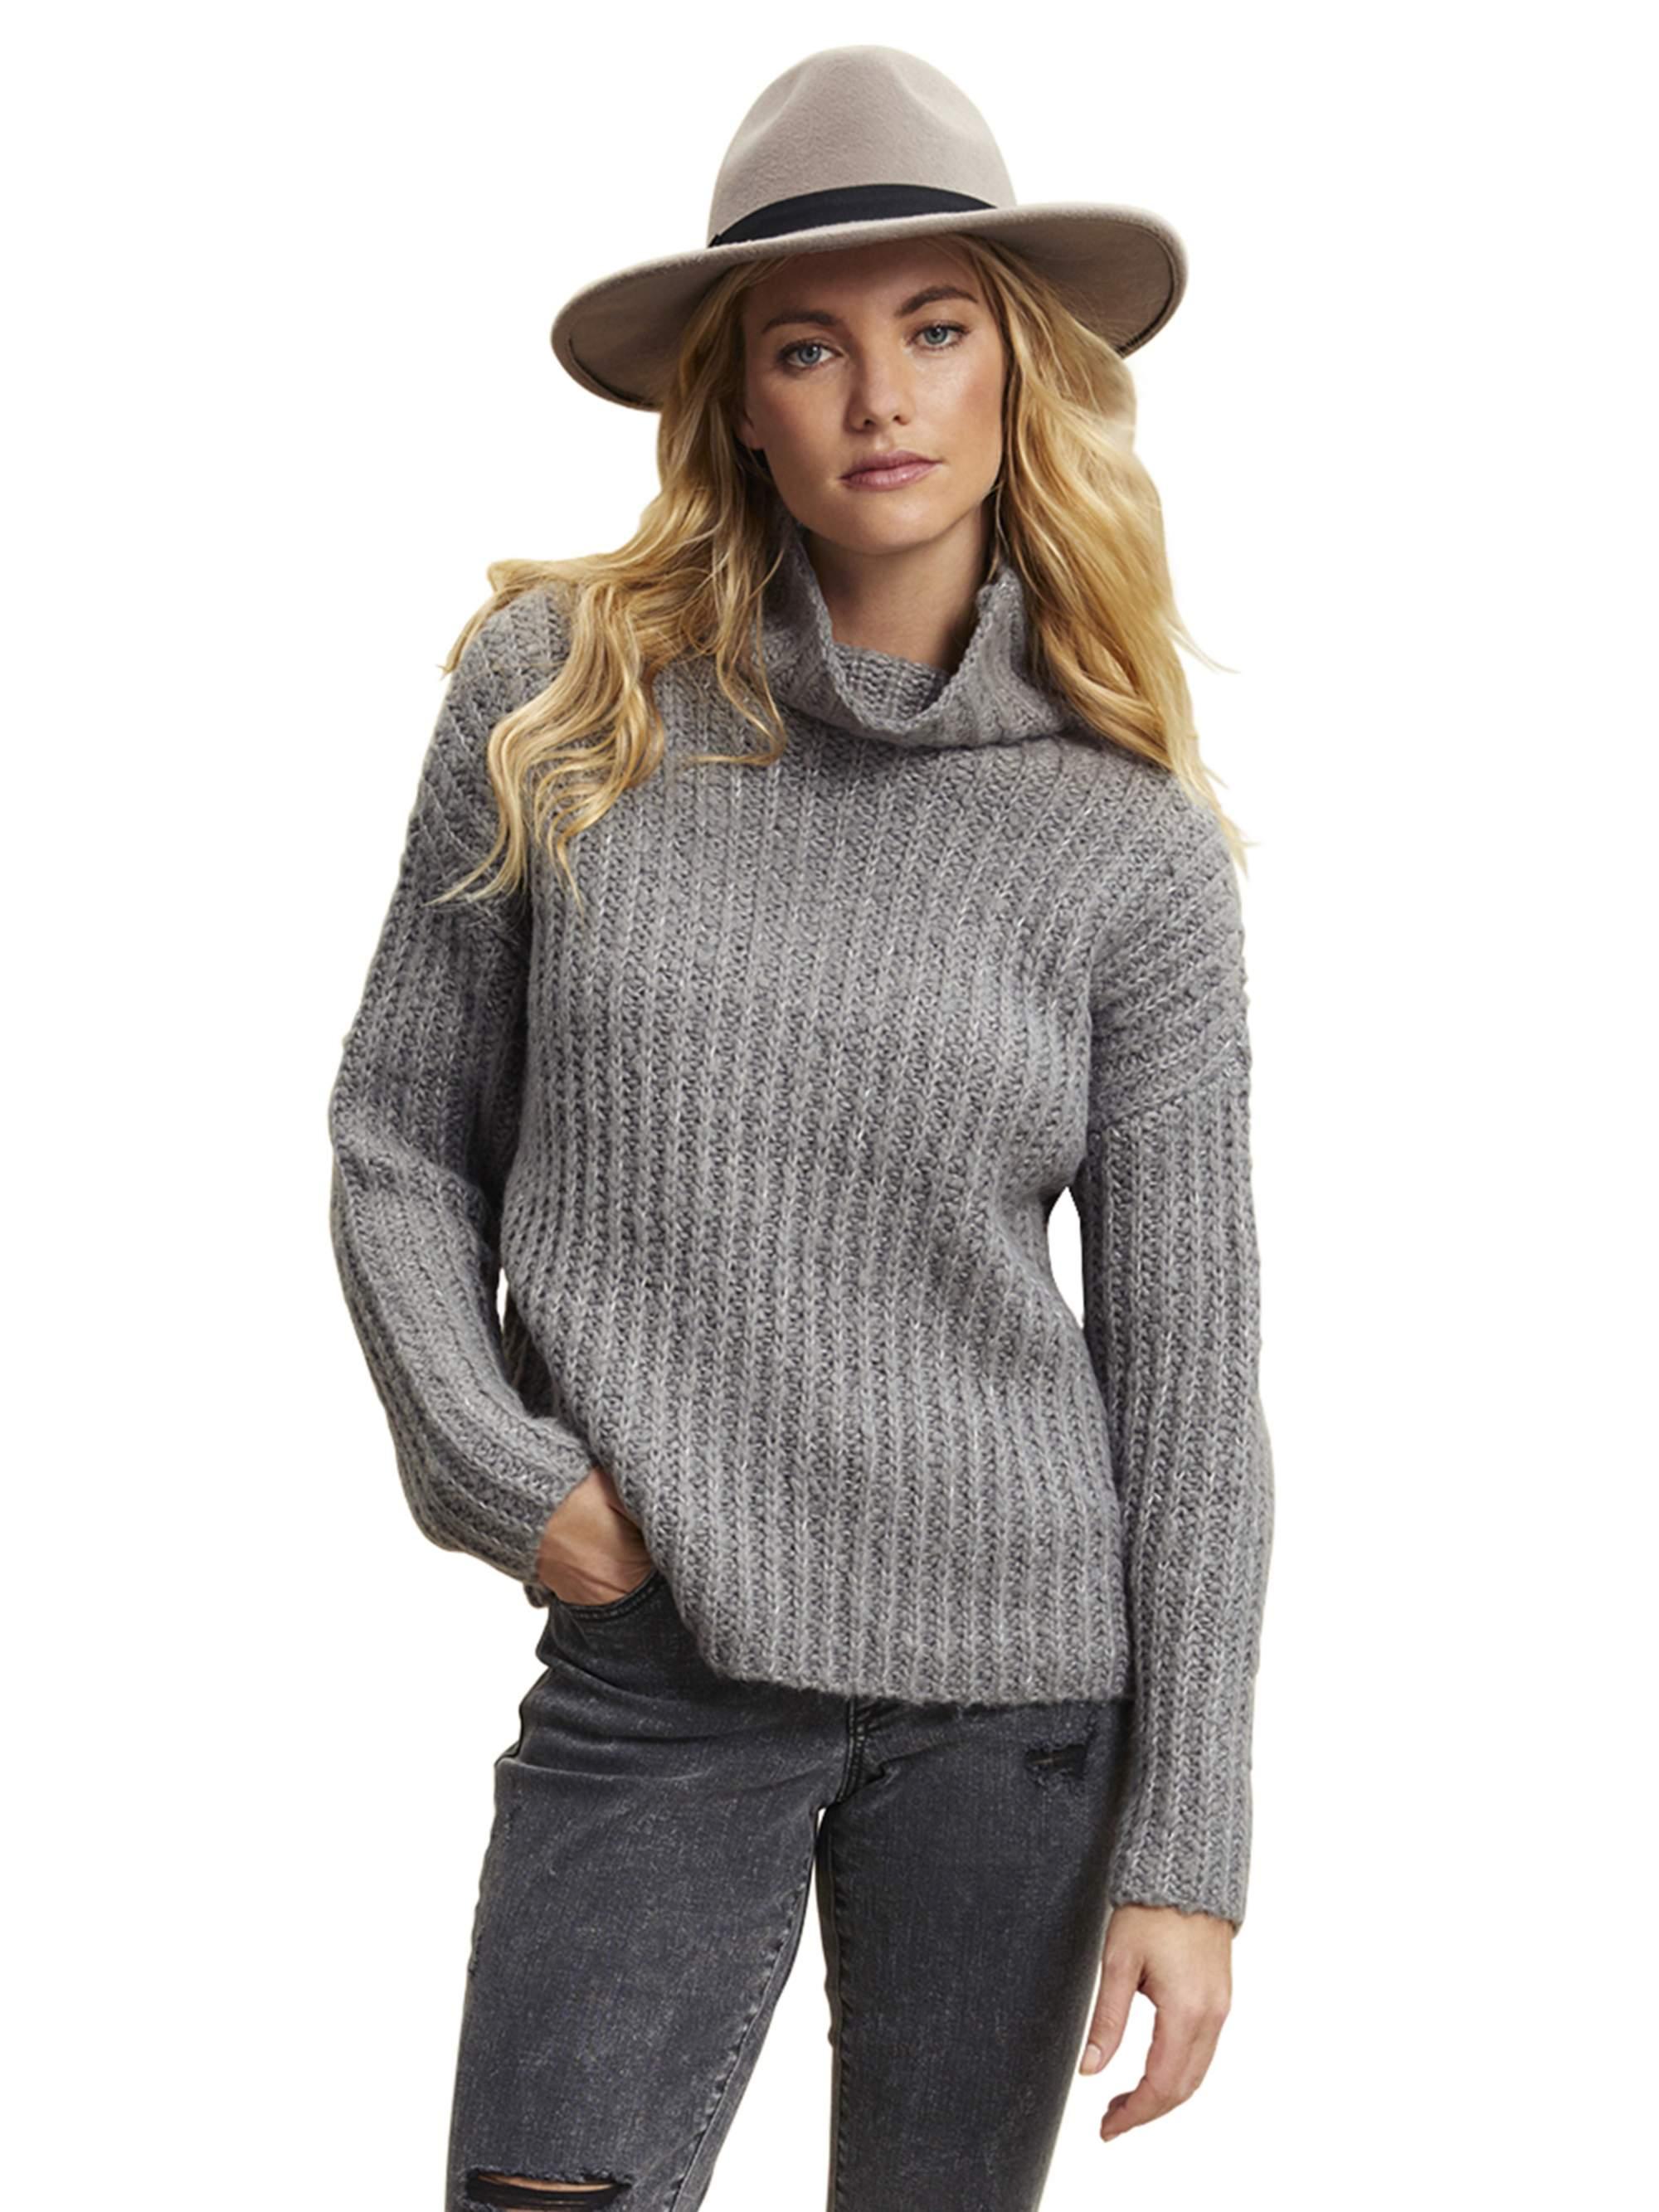 Scoop Scoop Women's Waffle Knit Turtleneck Sweater